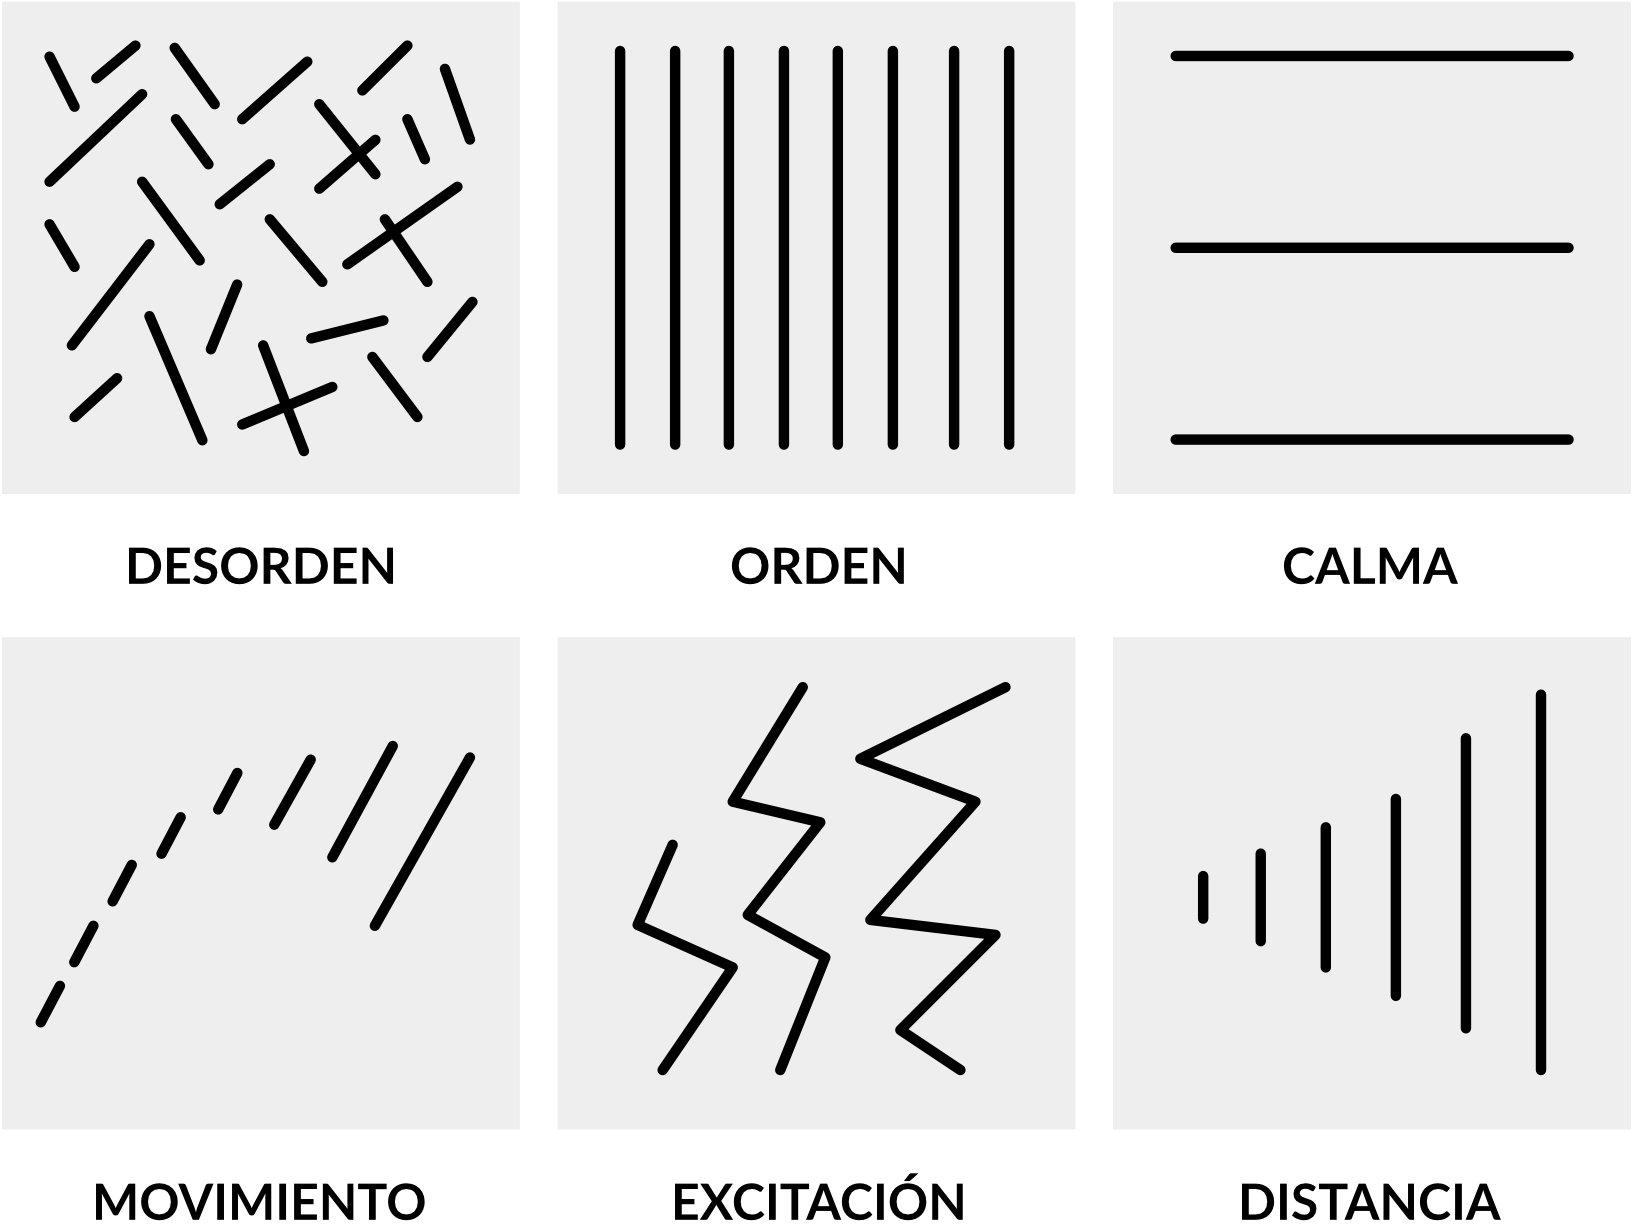 La expresividad de las líneas